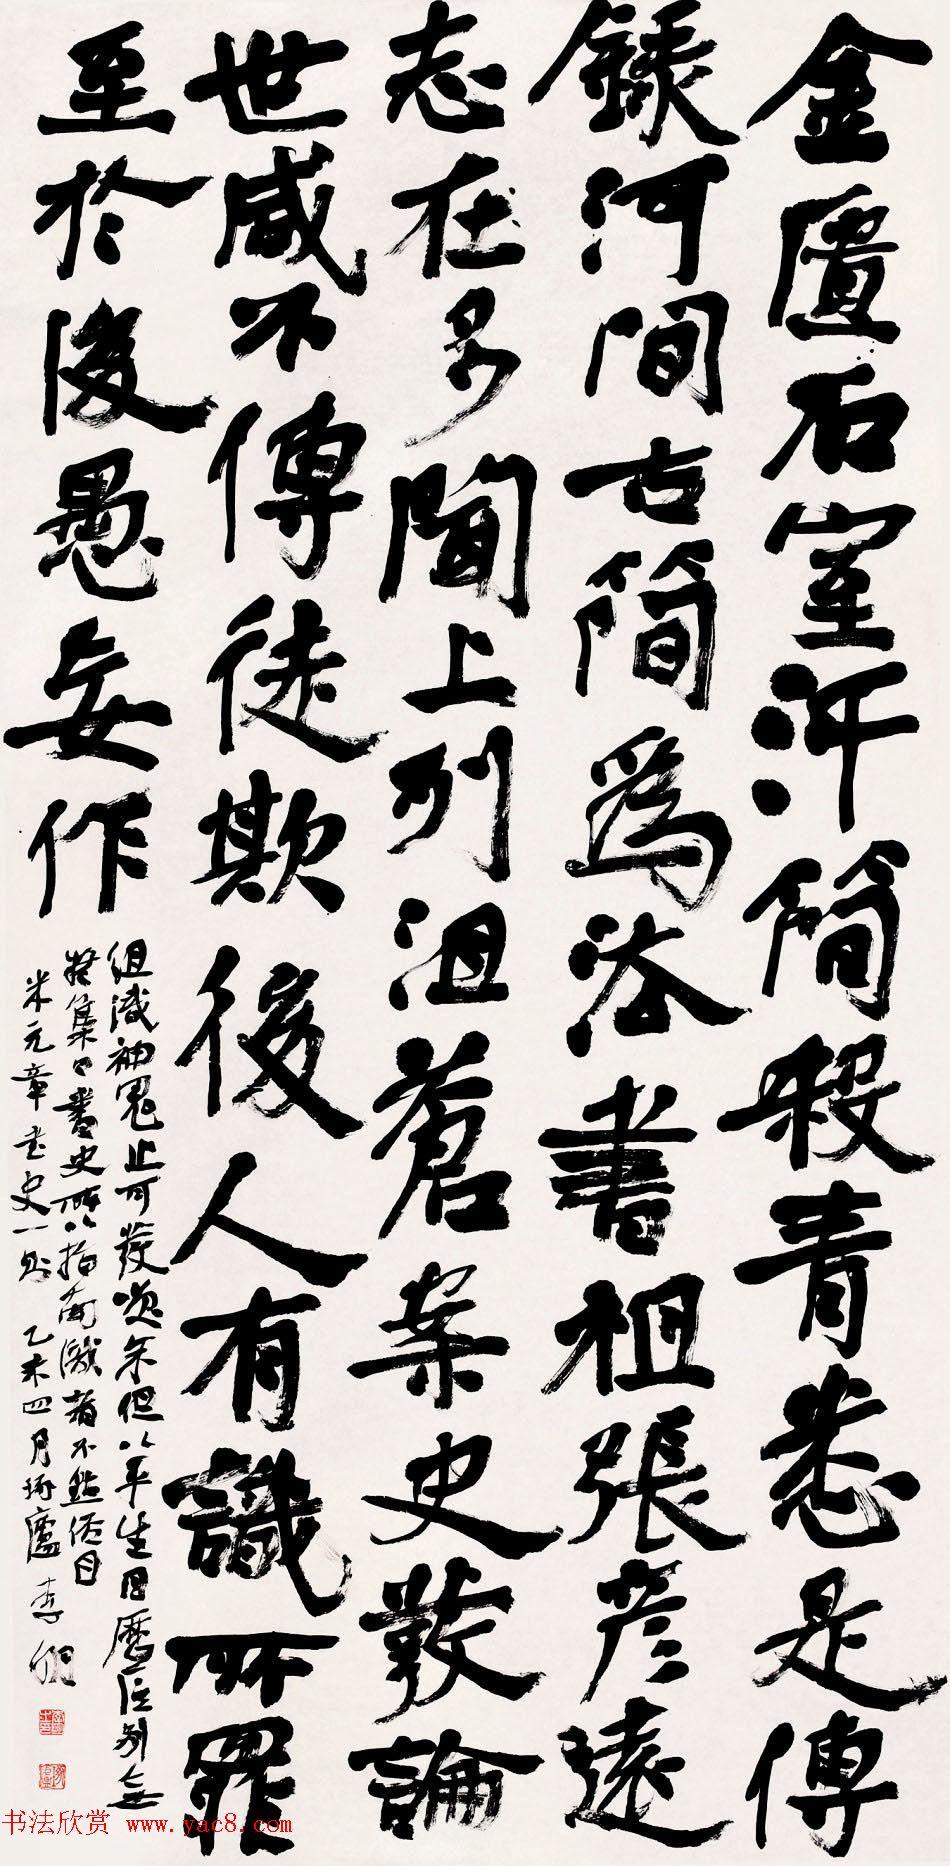 沈门七子之一李明书法作品选刊 第5页 毛笔书法 书法欣赏